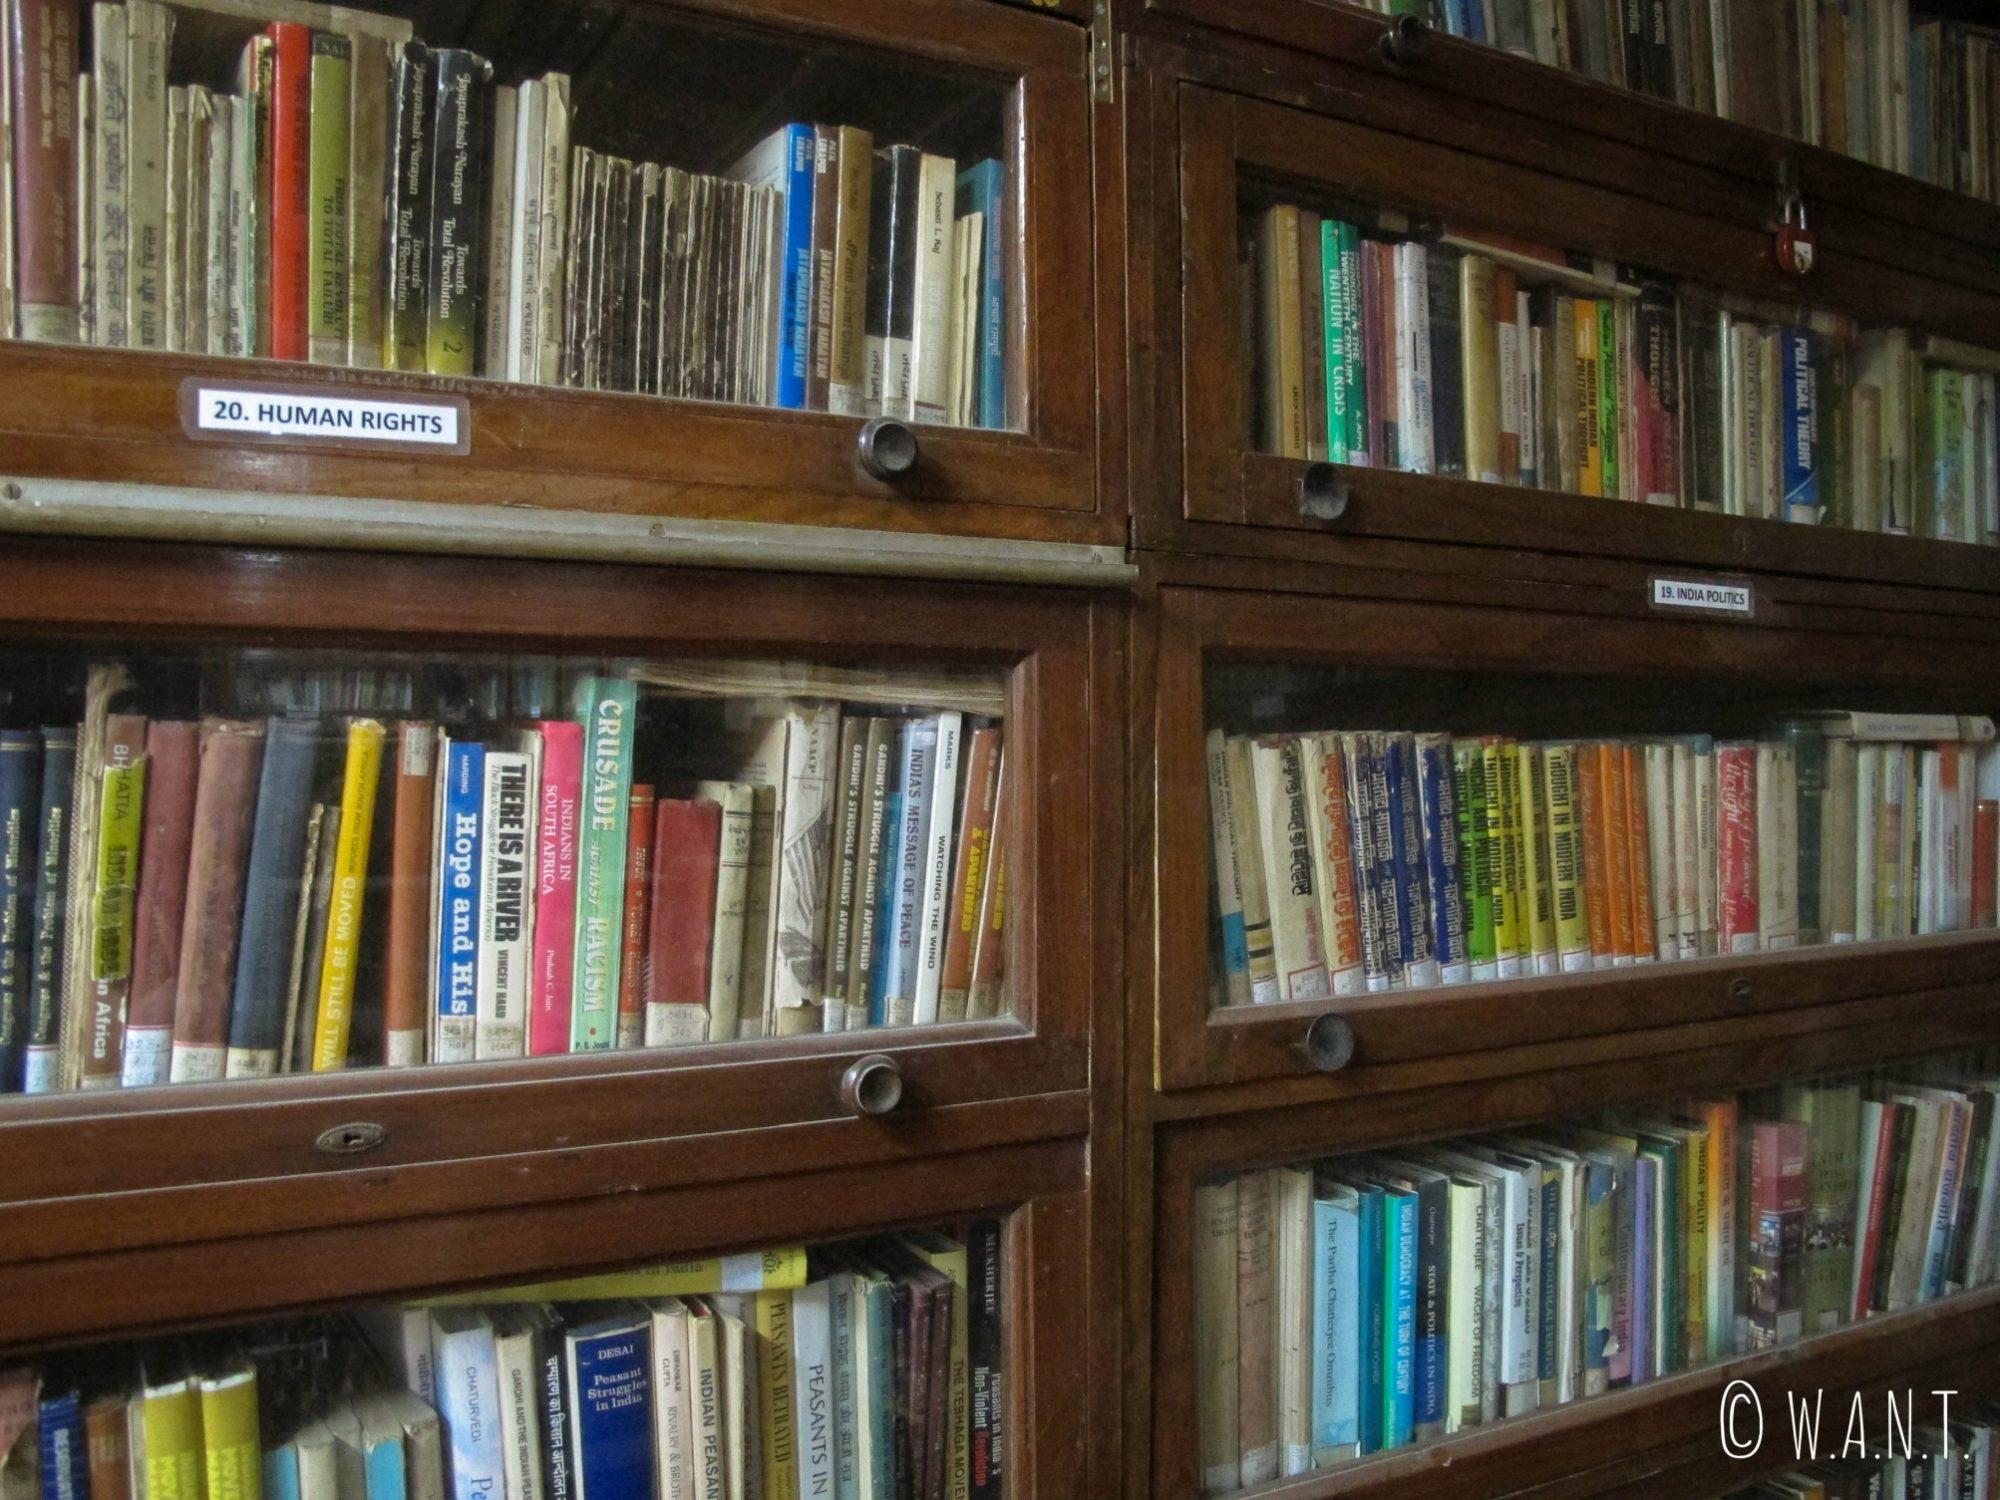 La bibliothèque de la maison de Gandhi comporte un ensemble d'ouvrages impressionnant